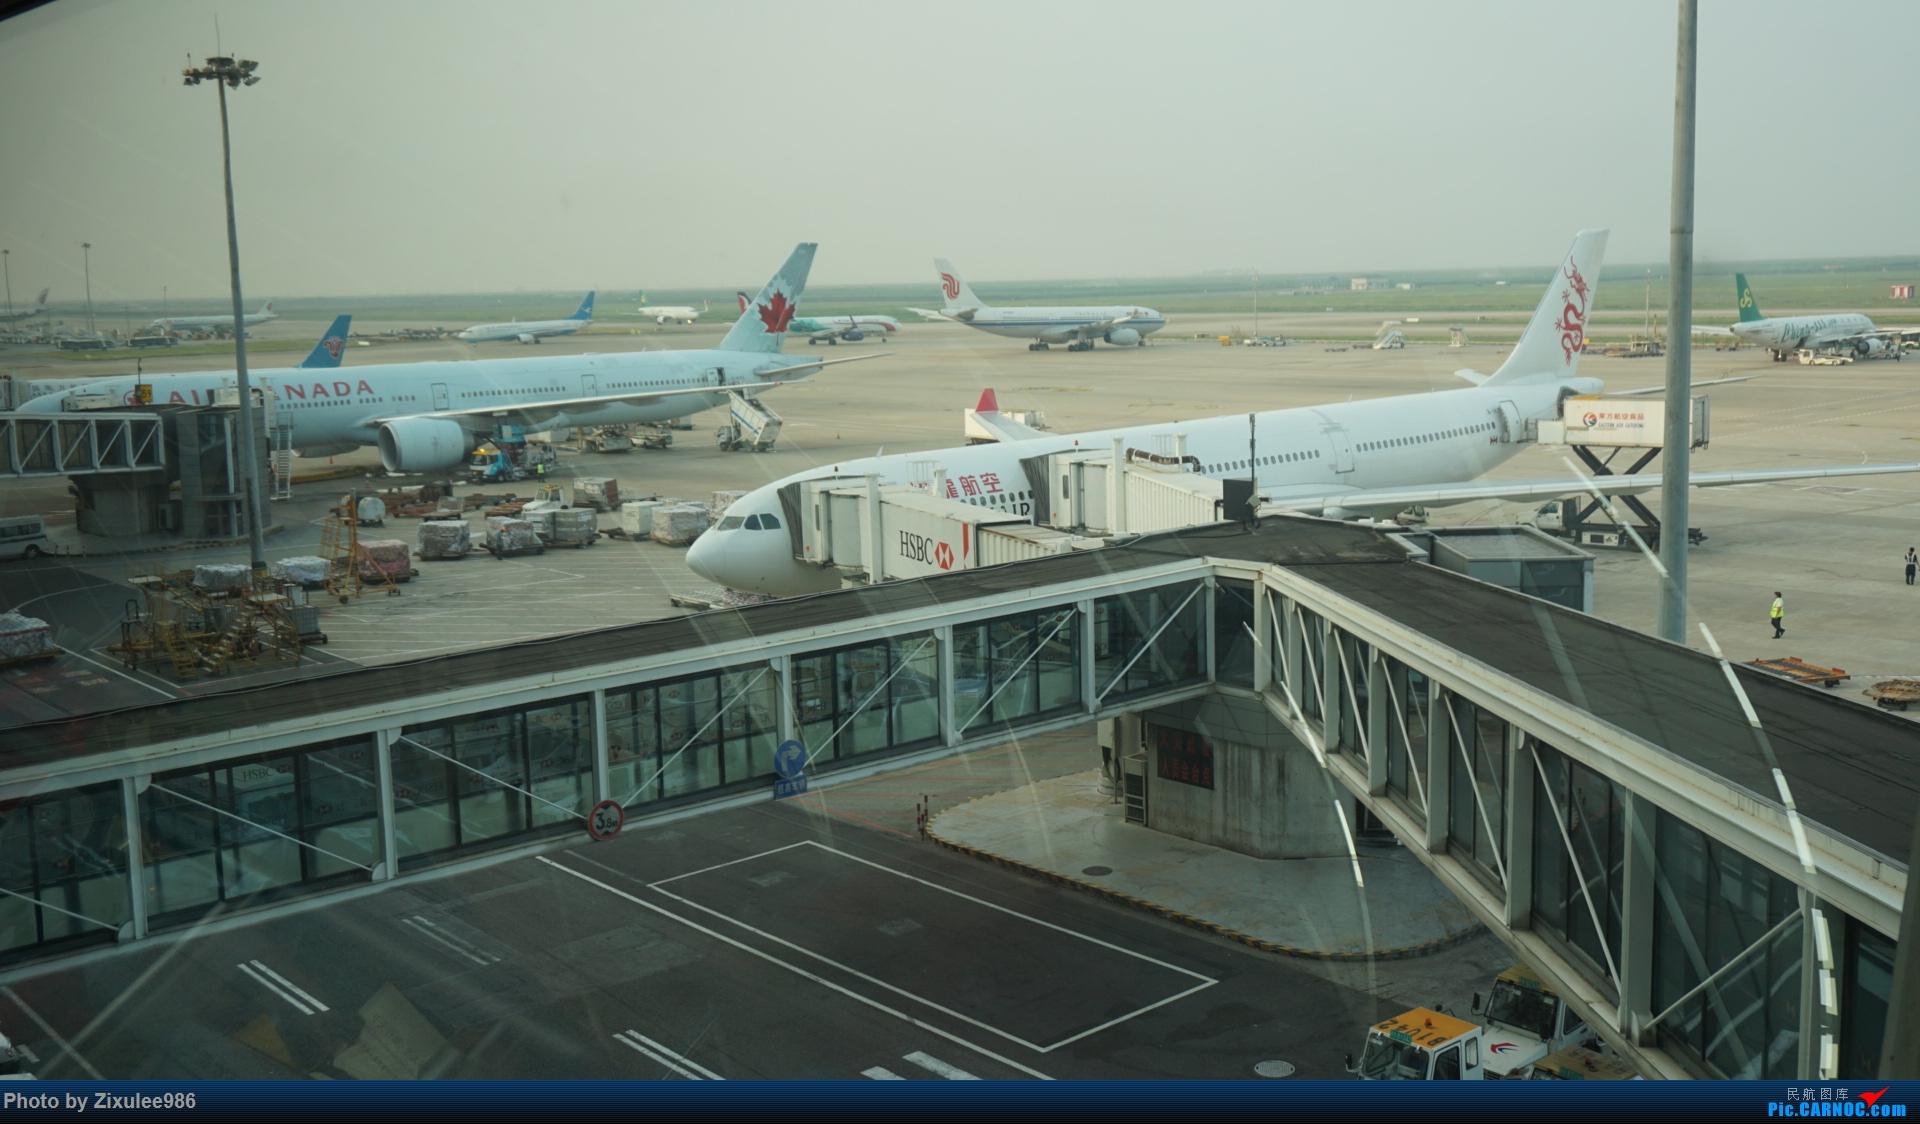 [原创]加拿大21日游学之旅 (二)~加航AC28..PVG-YYZ 首次跨洋,到达多村后的雨天(附上上一集忘发的flightlog) BOEING 777-333 (ER) C-FITL 中国上海浦东国际机场